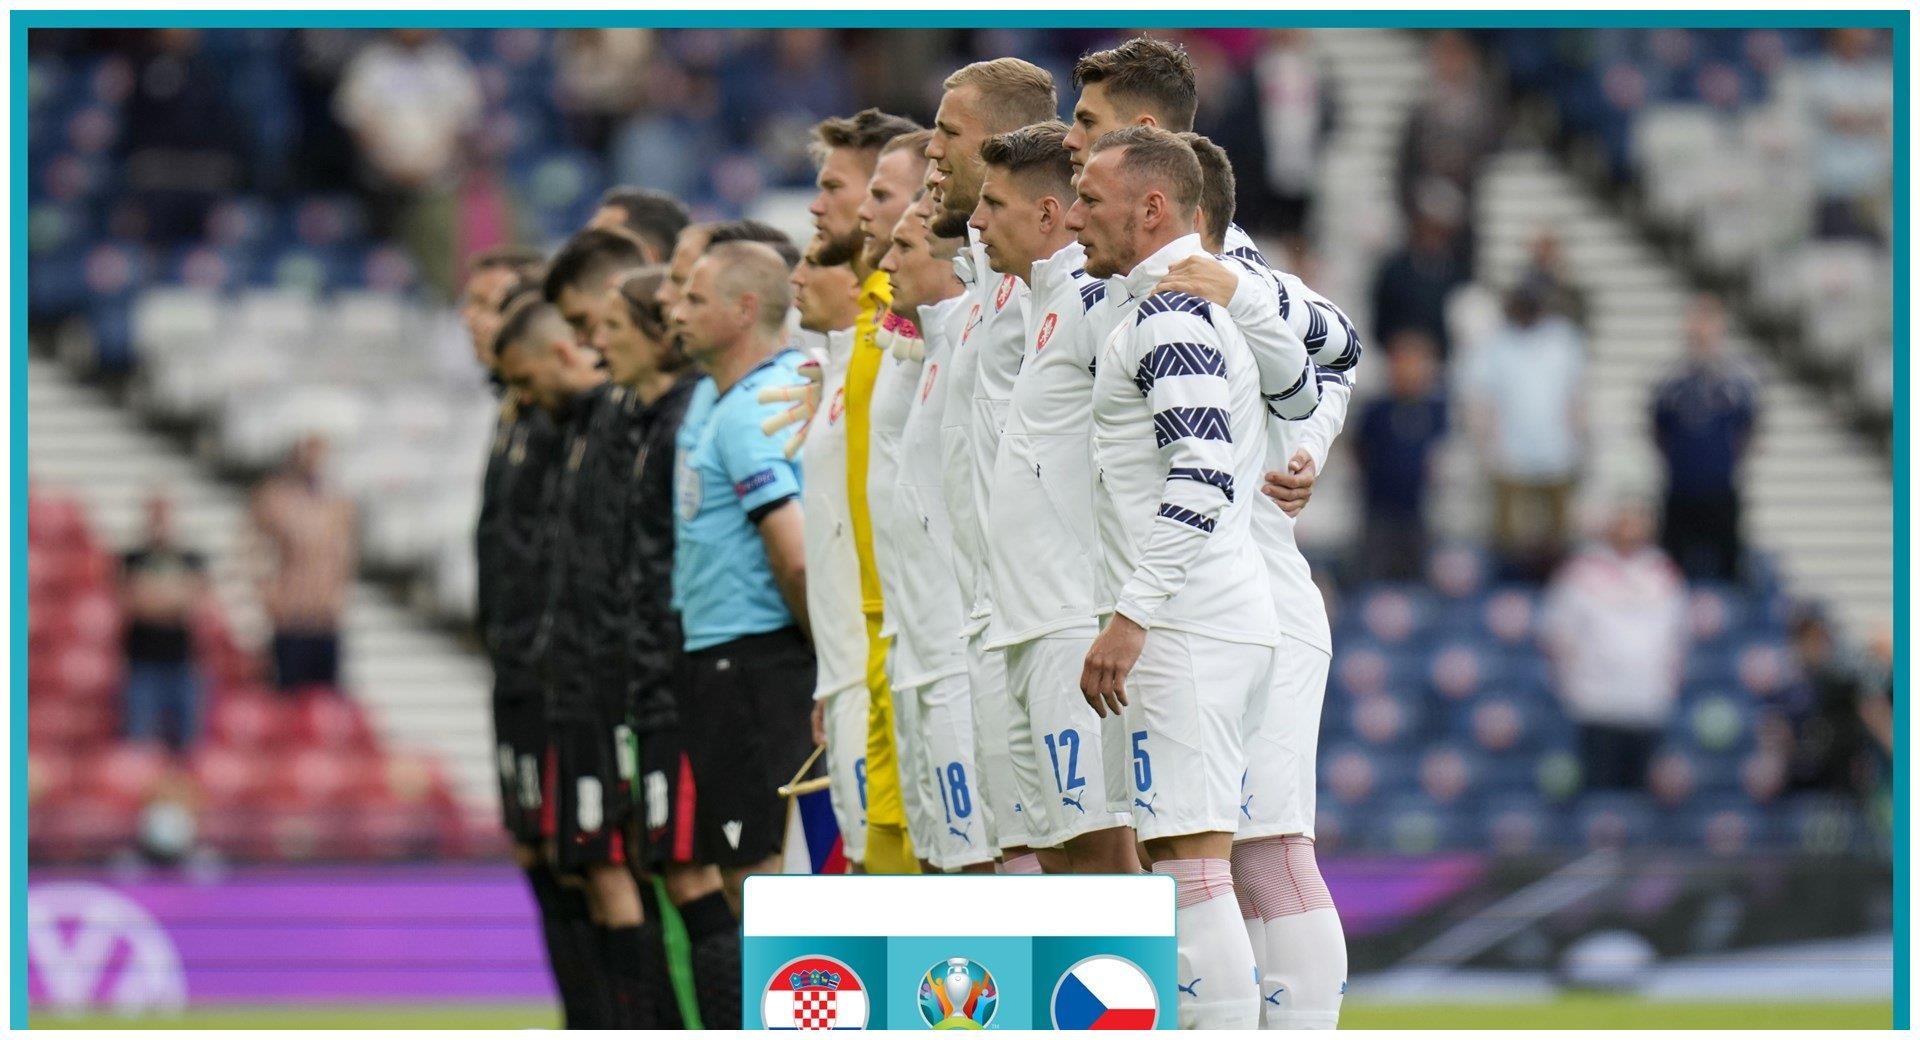 大冷门,3年前让国足羞辱!如今欧洲杯逼平世界亚军,暂独霸小组